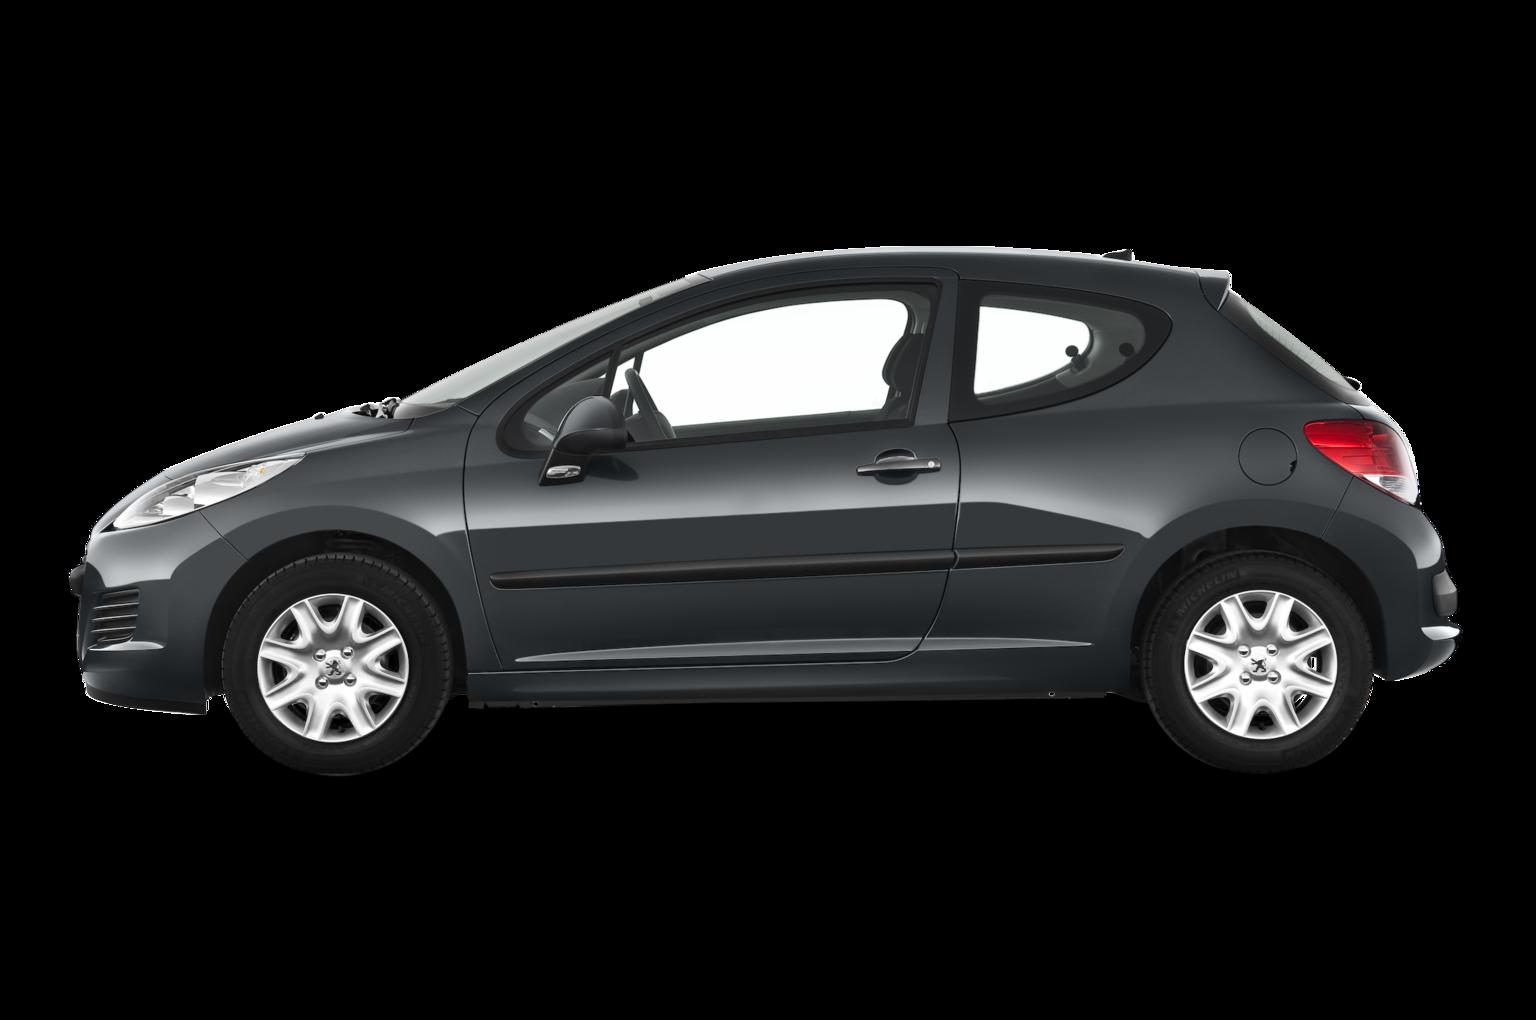 207 - gebrauchtwagen & neuwagen kaufen & verkaufen | auto.de